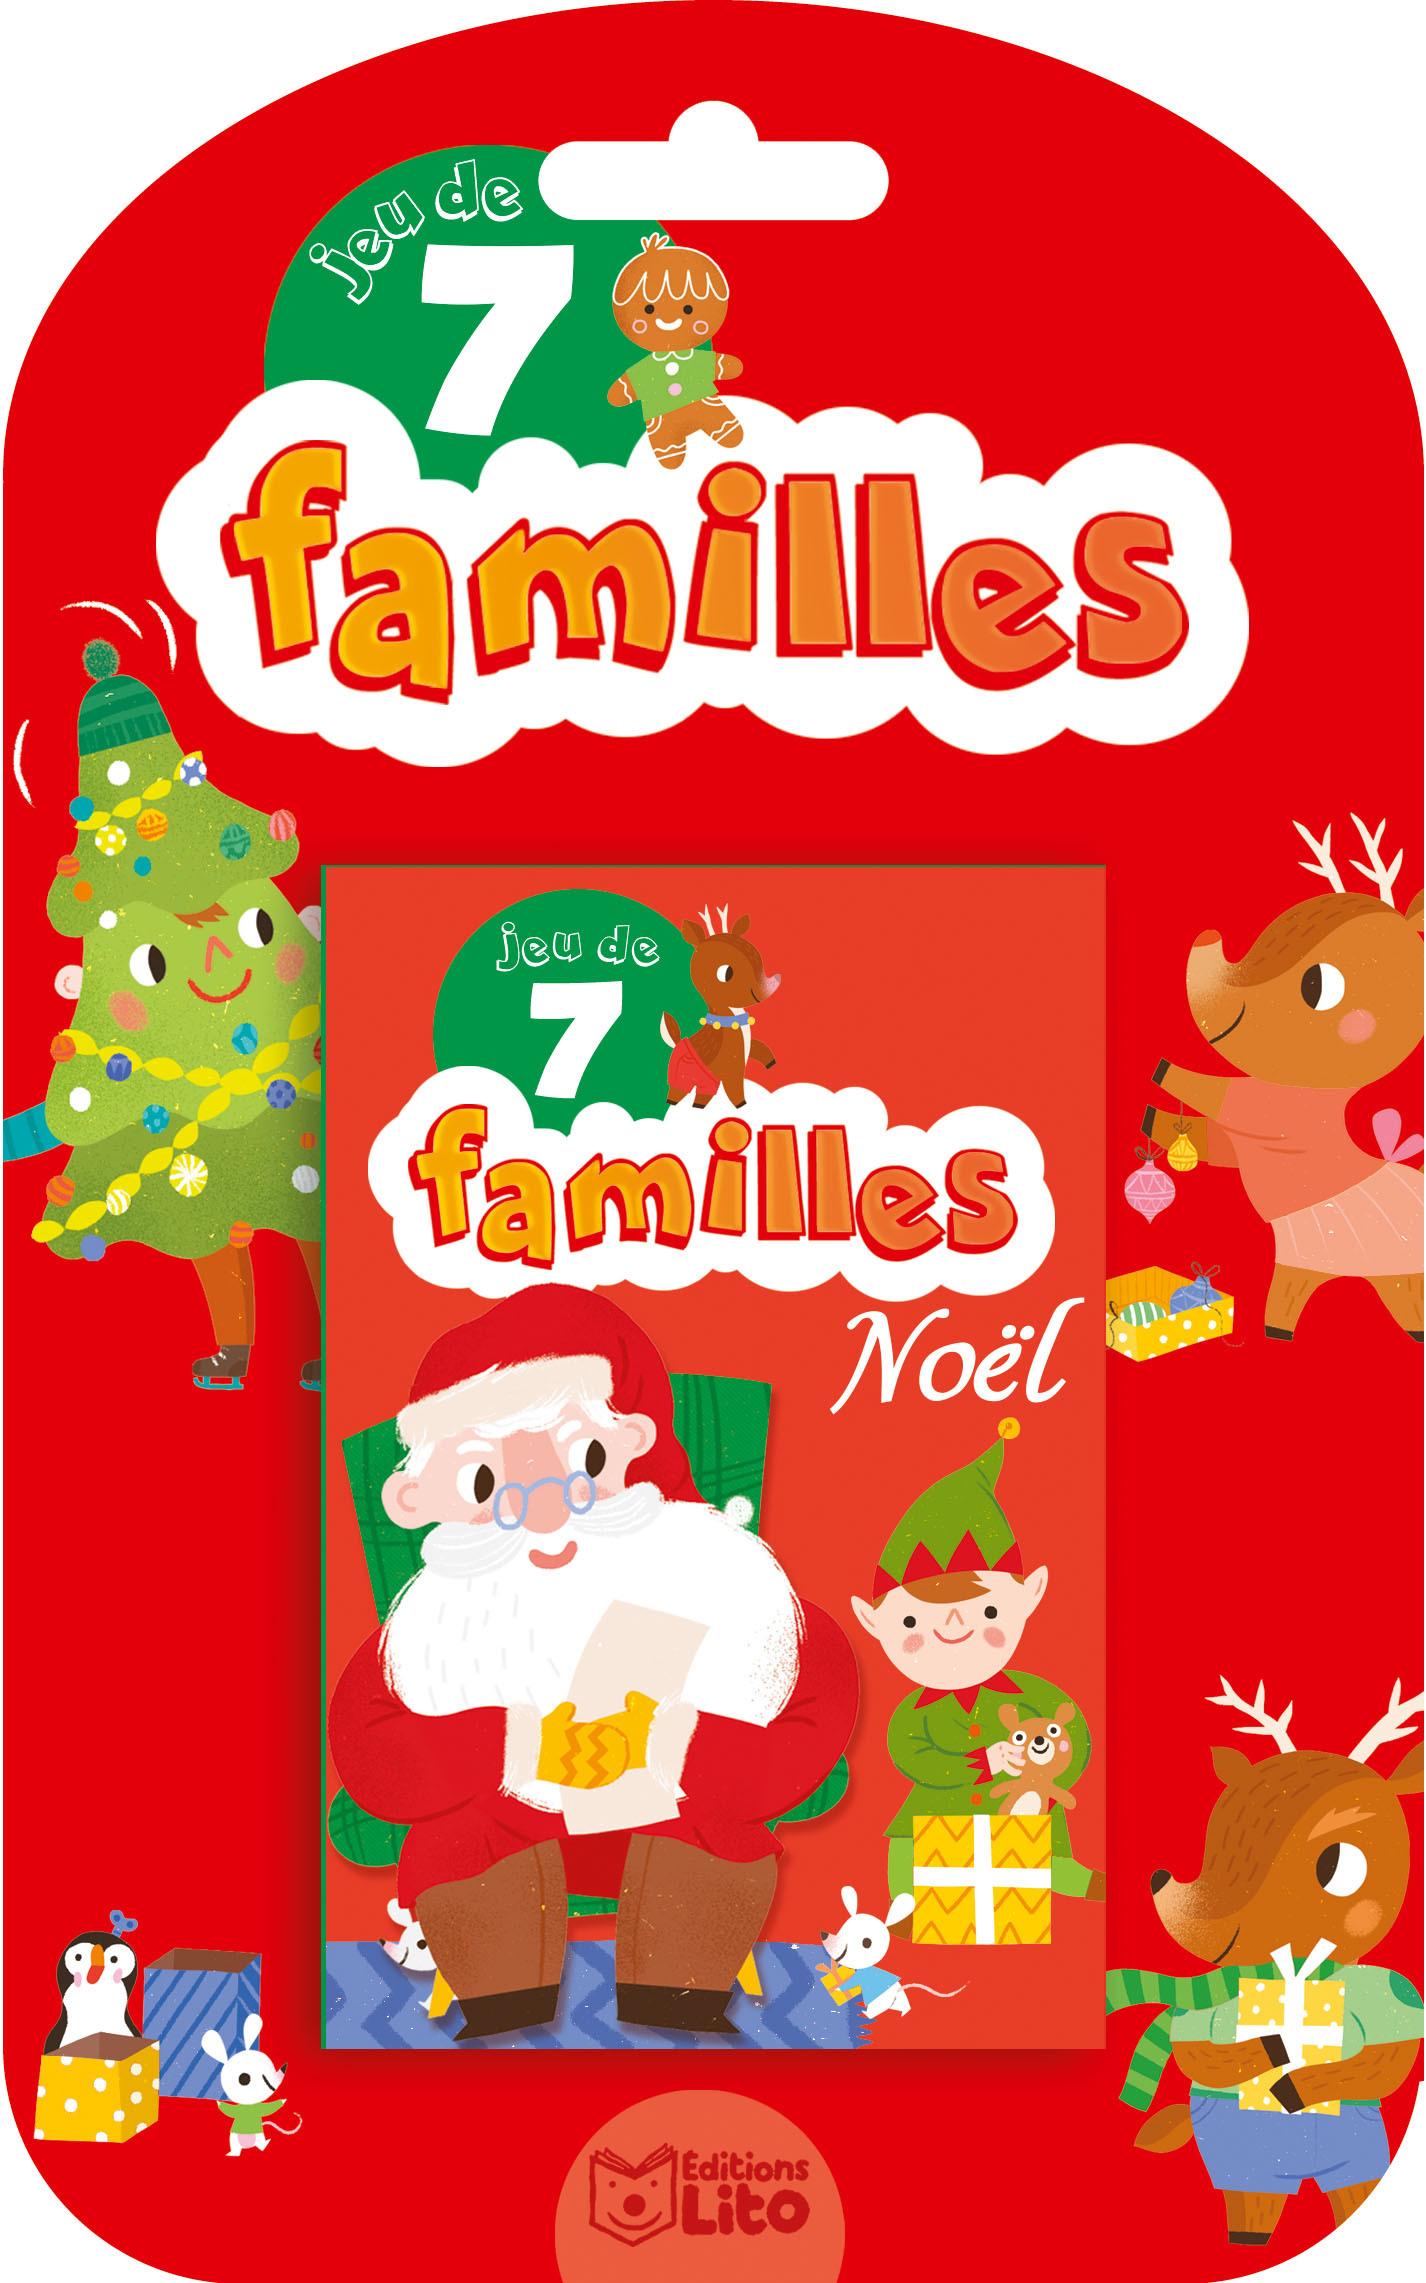 JEUX DE 7 FAMILLES NOEL